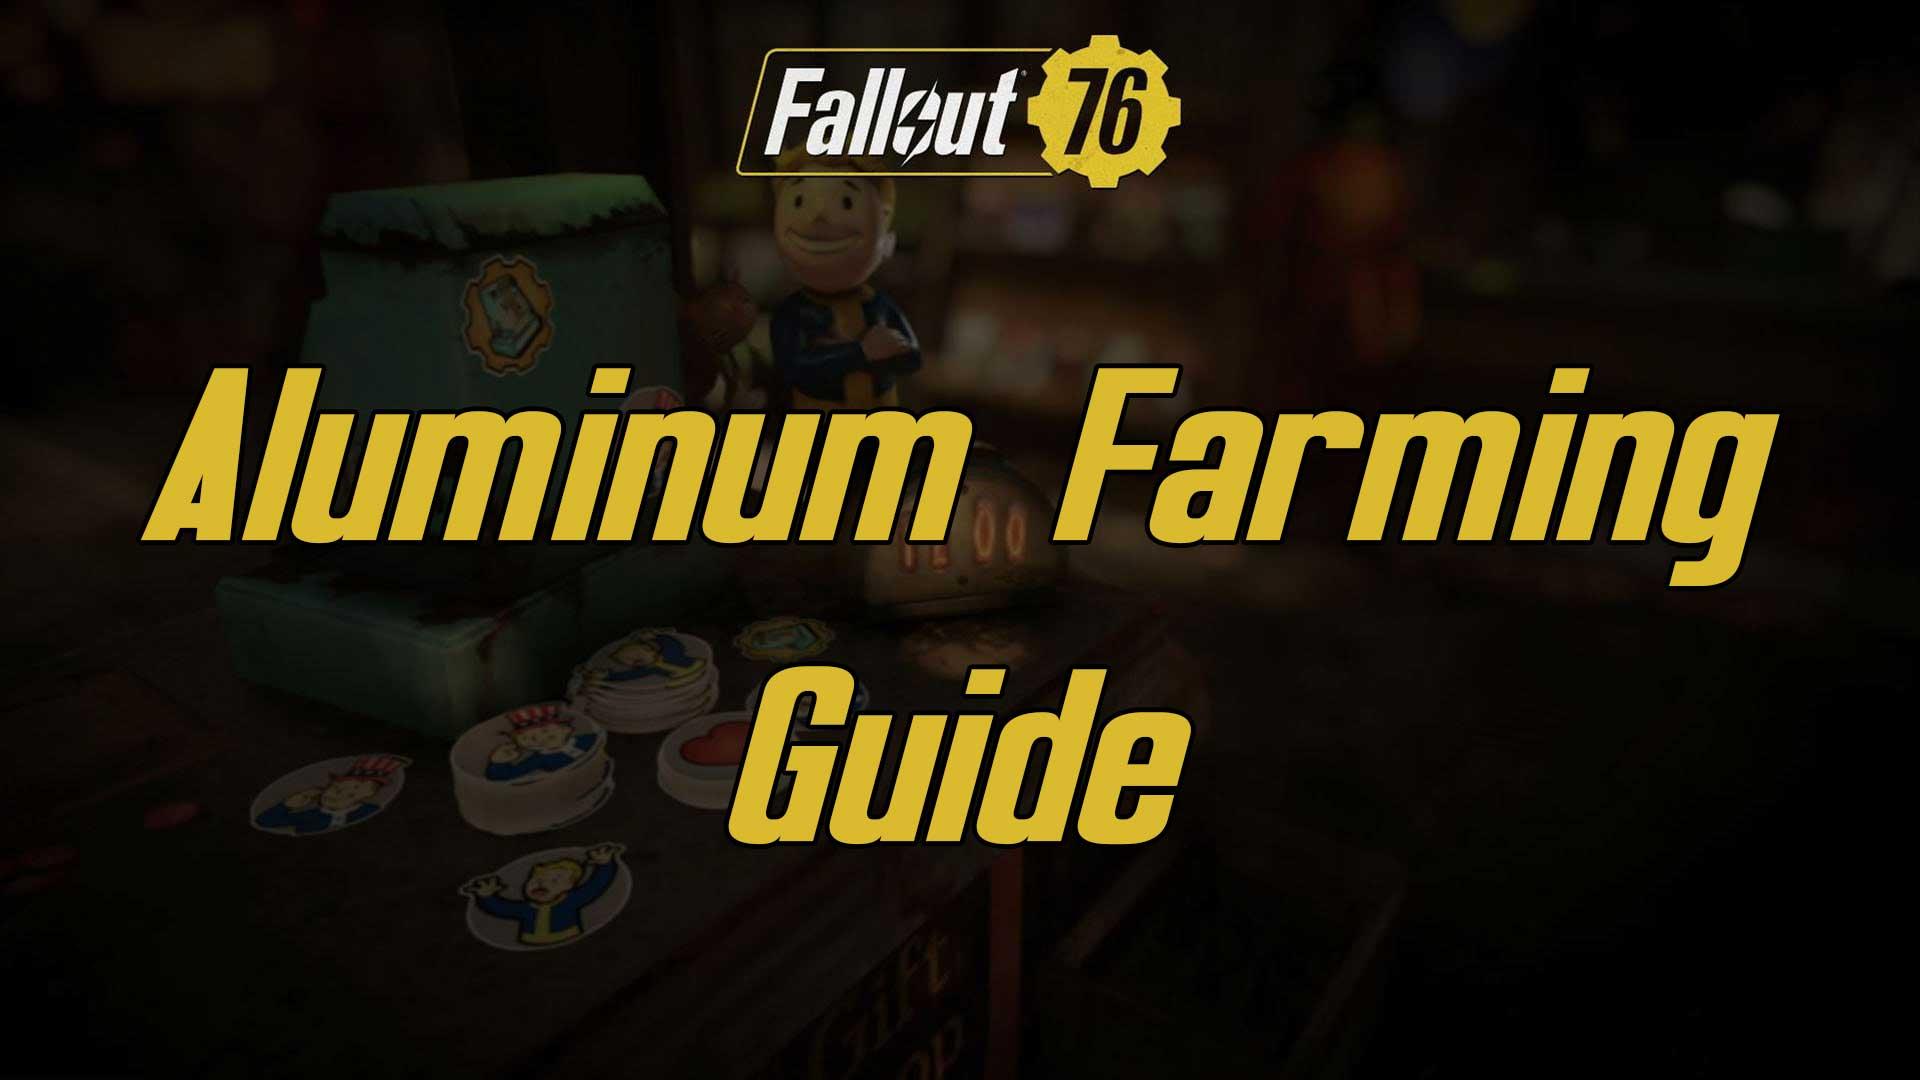 aluminium farming fallout 76